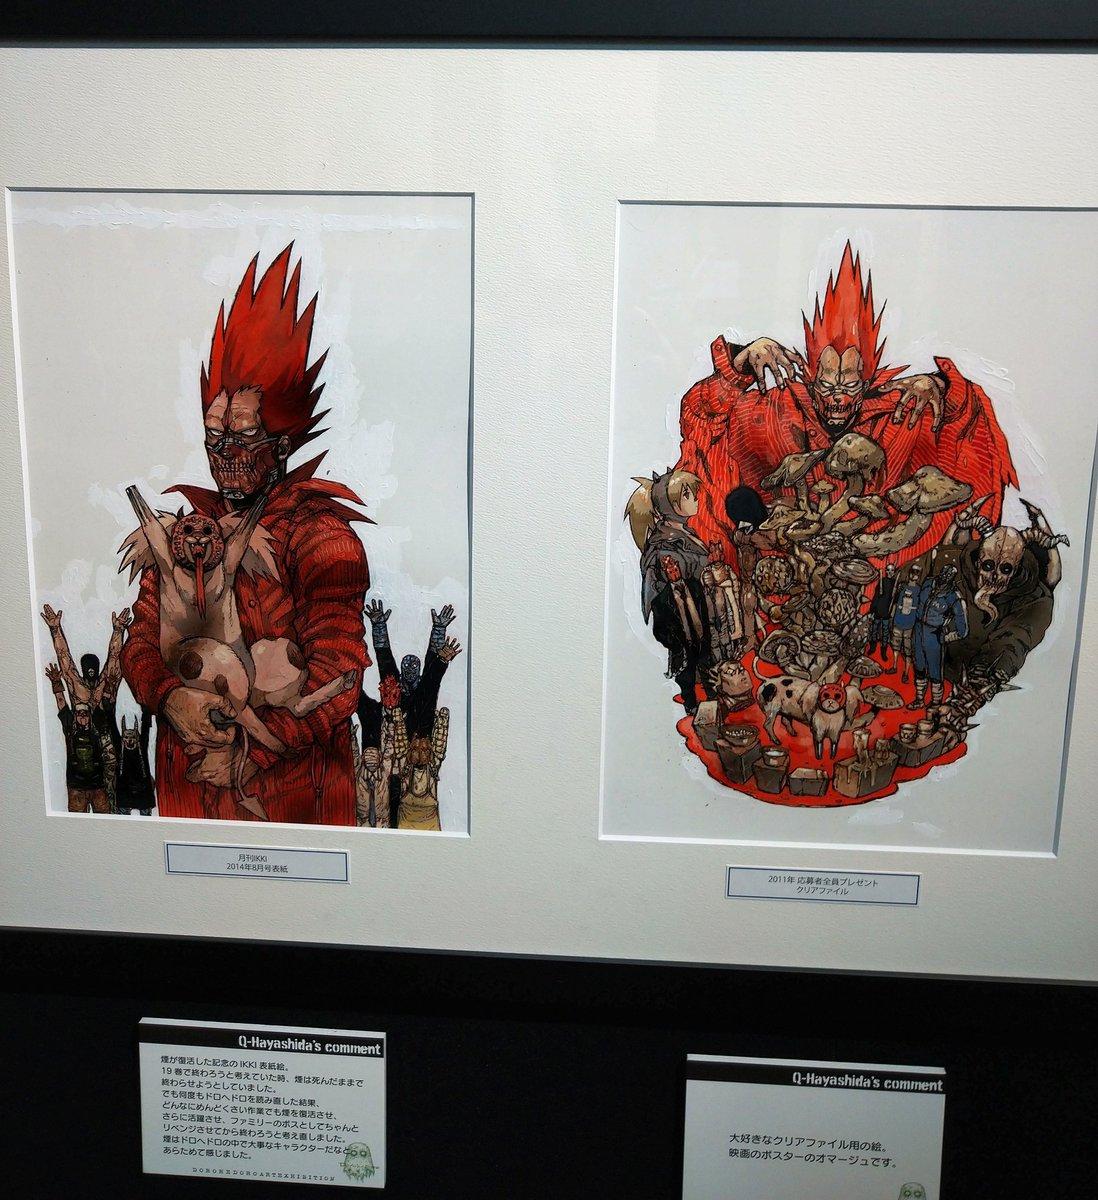 ツイッター ドロヘドロ 漫画【ドロヘドロ】が面白い!魔法使いと人間と悪魔の三つどもえ世界!